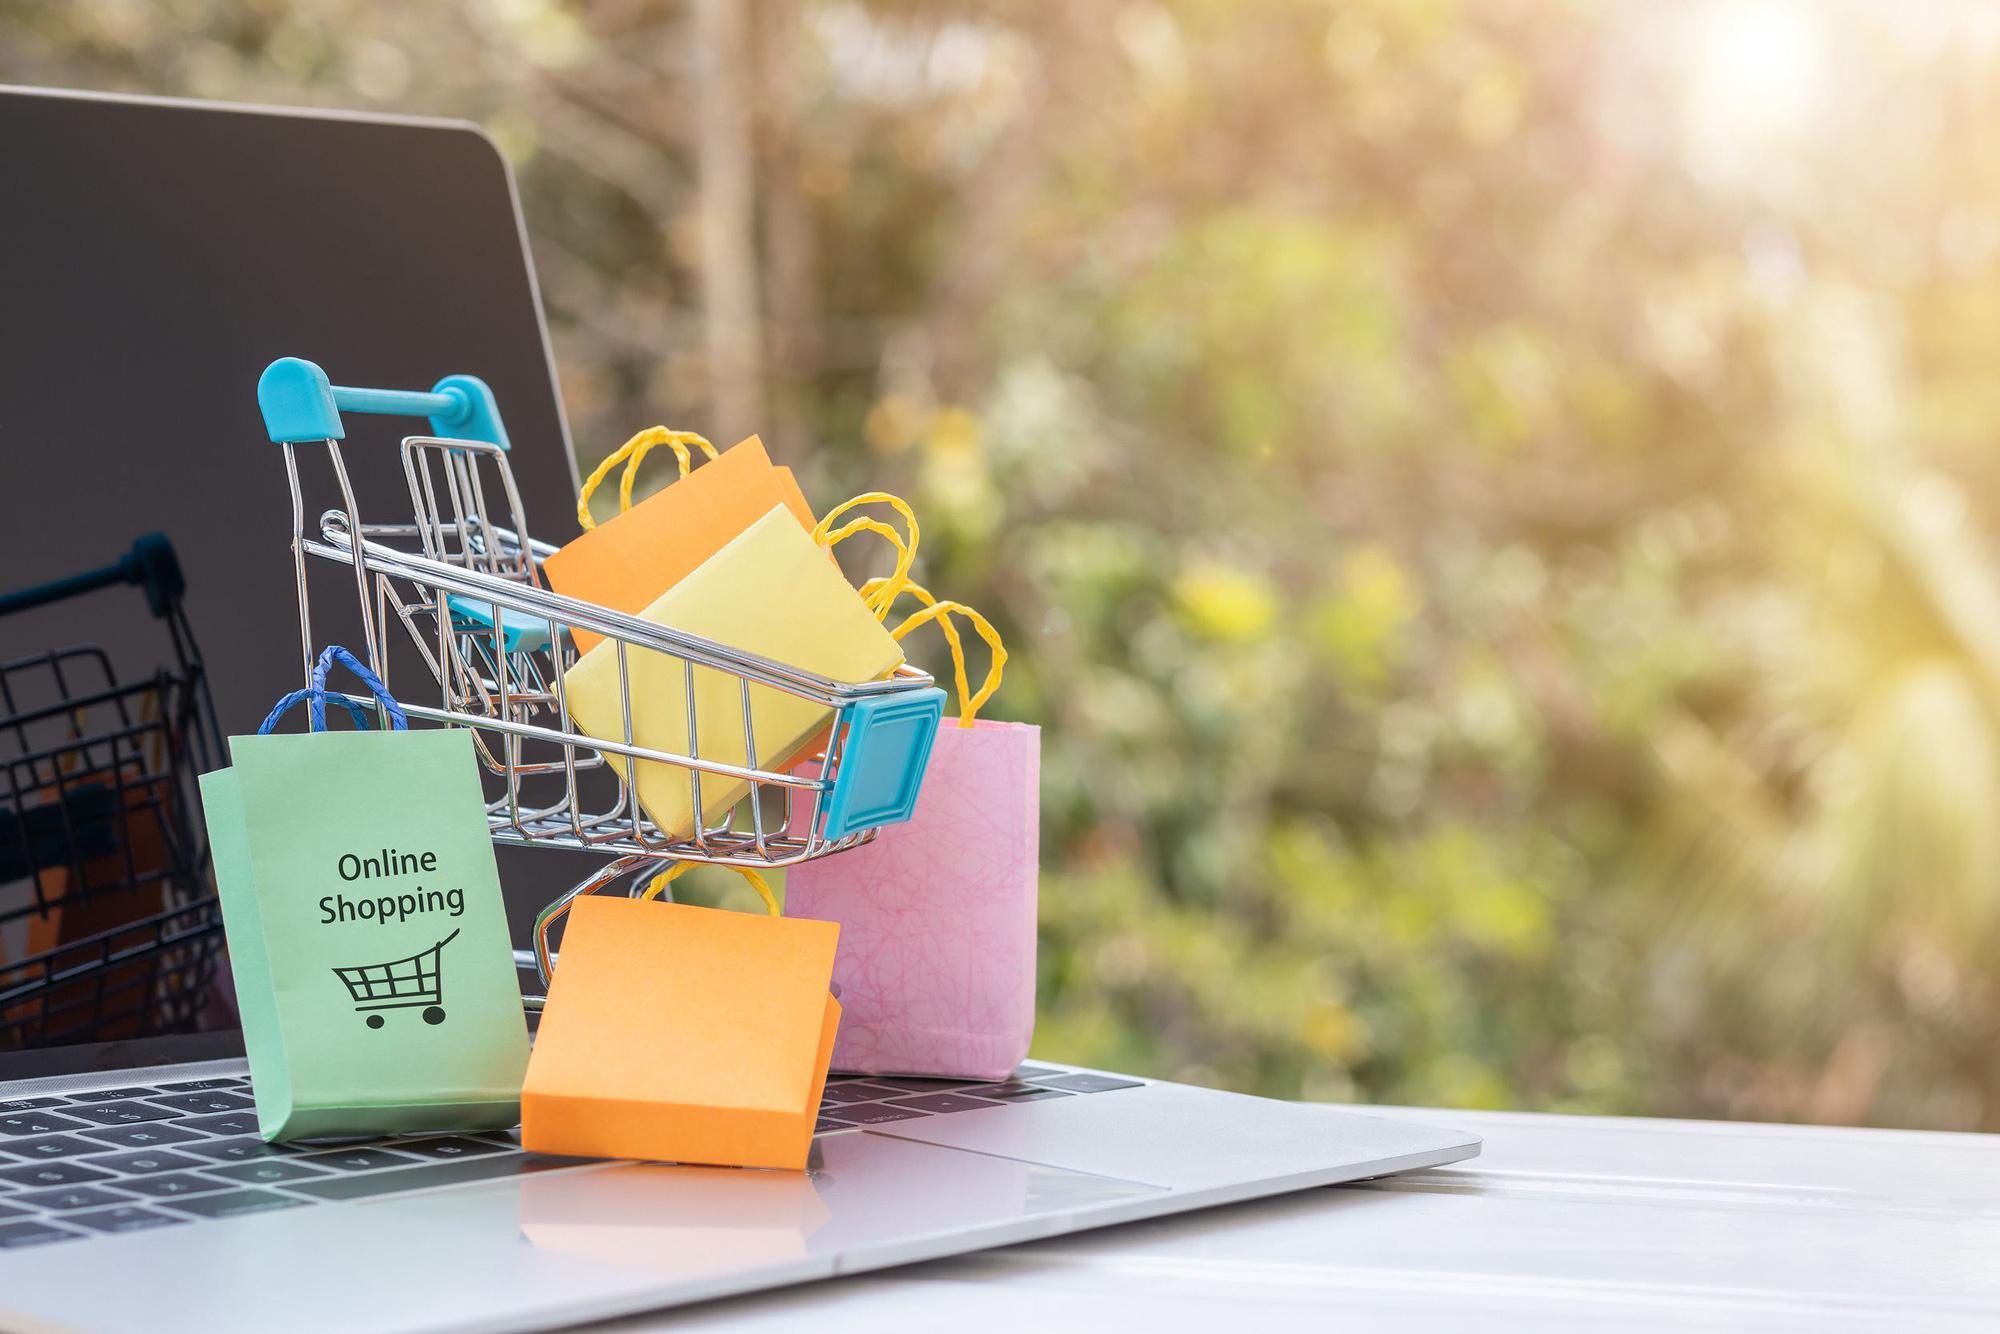 Những mẹo có thể giúp bạn kiềm chế thói quen mua sắm bốc đồng - Ảnh 1.